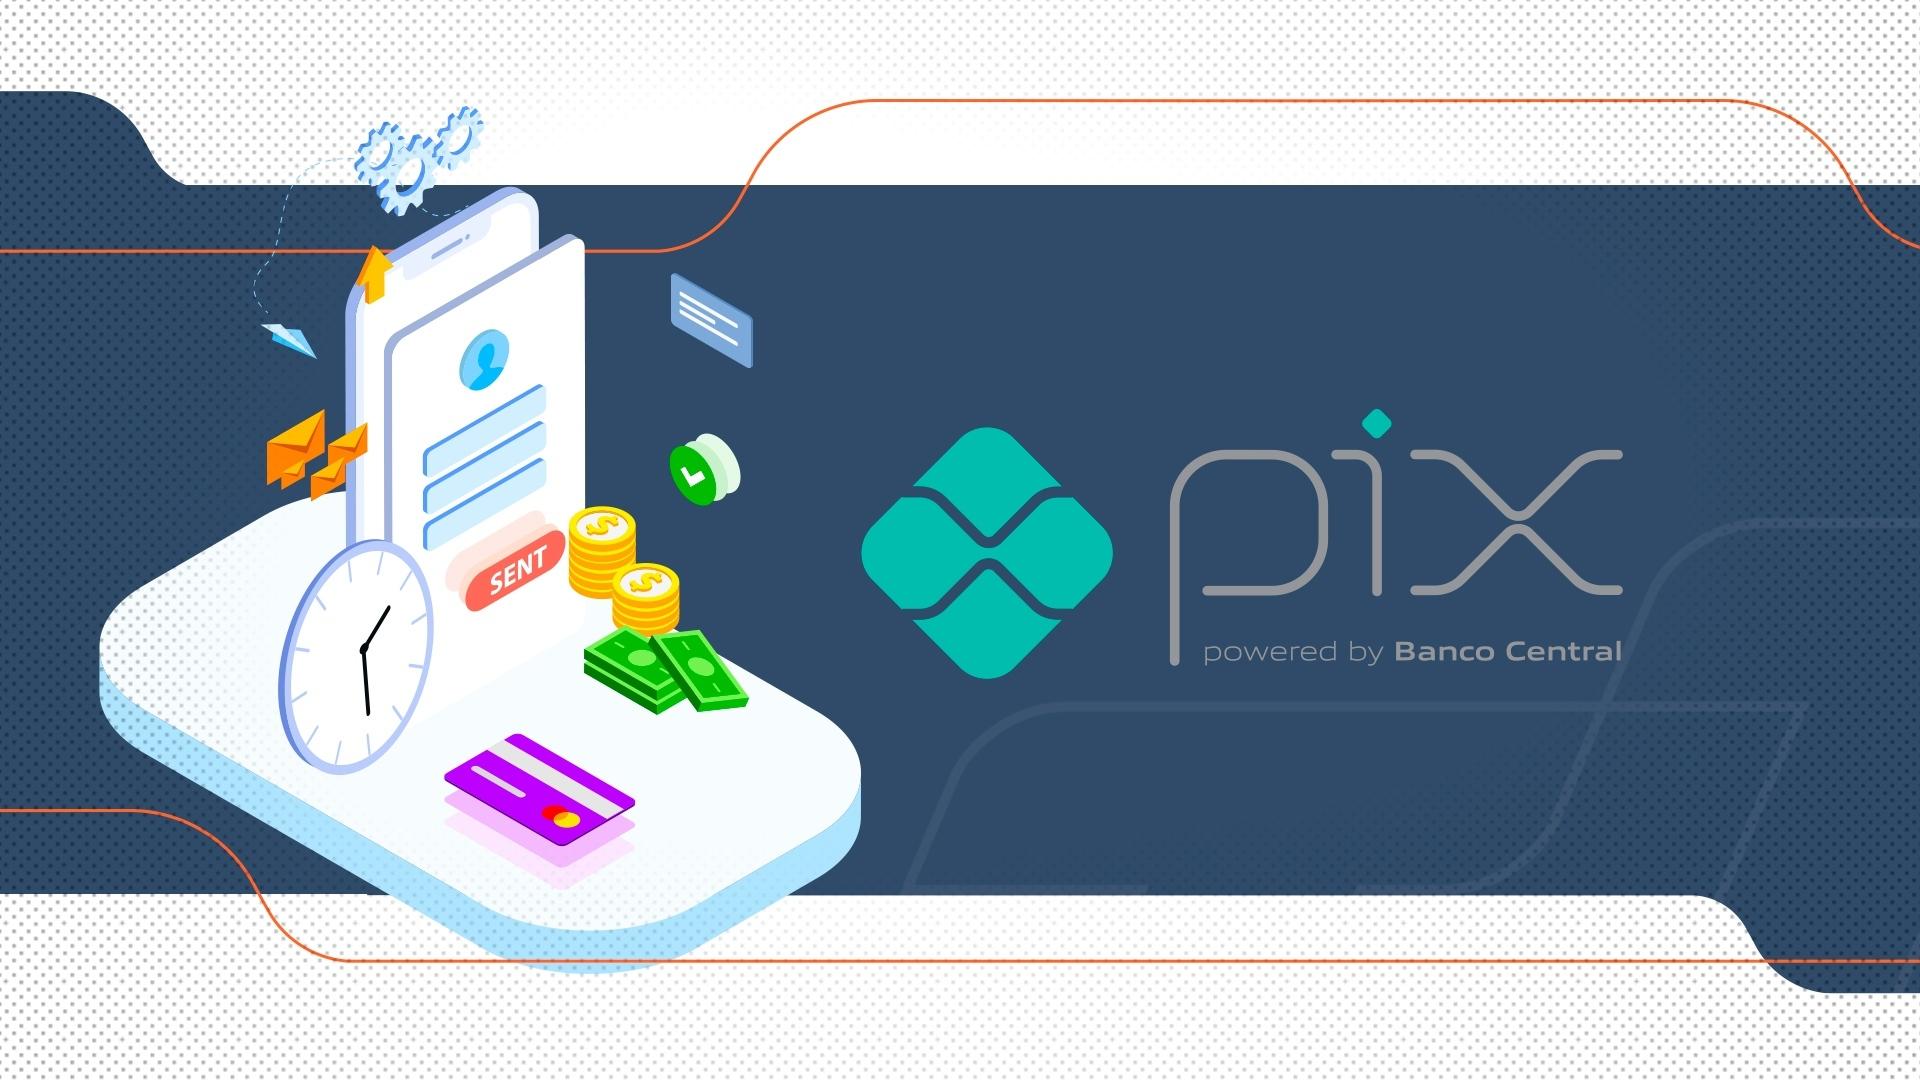 Pix começa a funcionar para todos os clientes; Transações são totalmente grátis